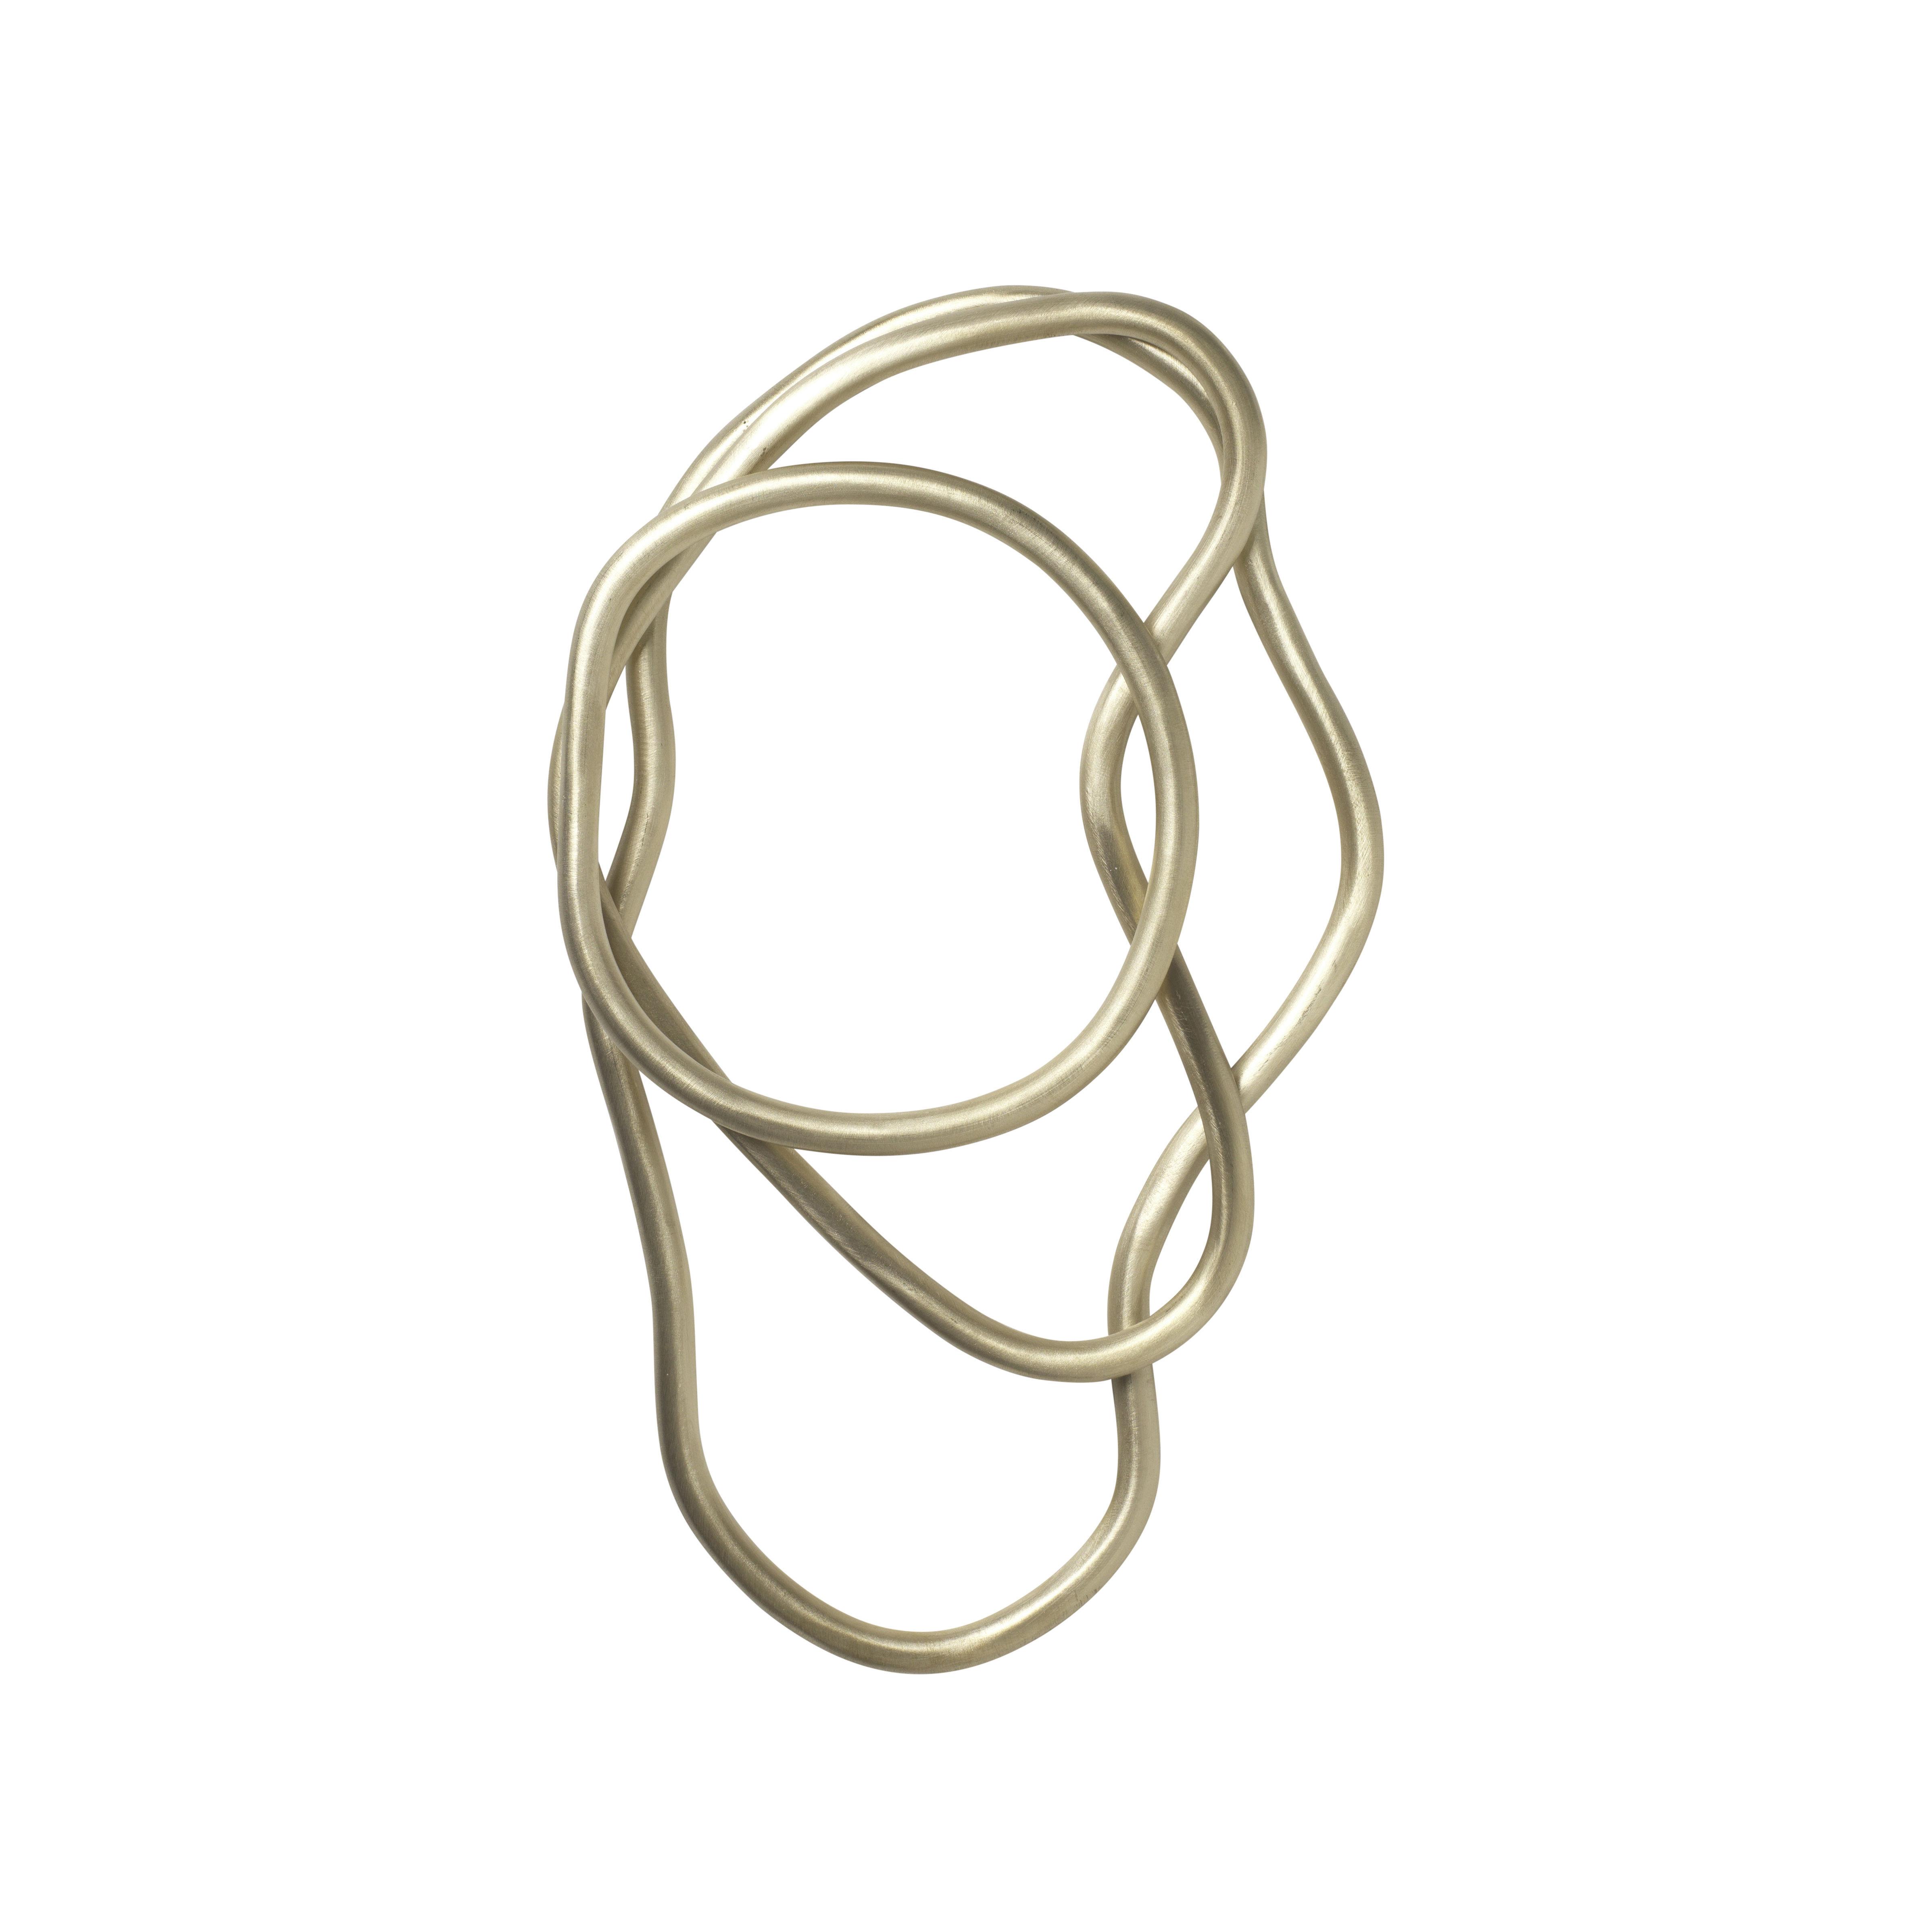 Arts de la table - Dessous de plat - Dessous de plat Pond / Set de 3  anneaux - Laiton - Ferm Living - Laiton - Laiton massif